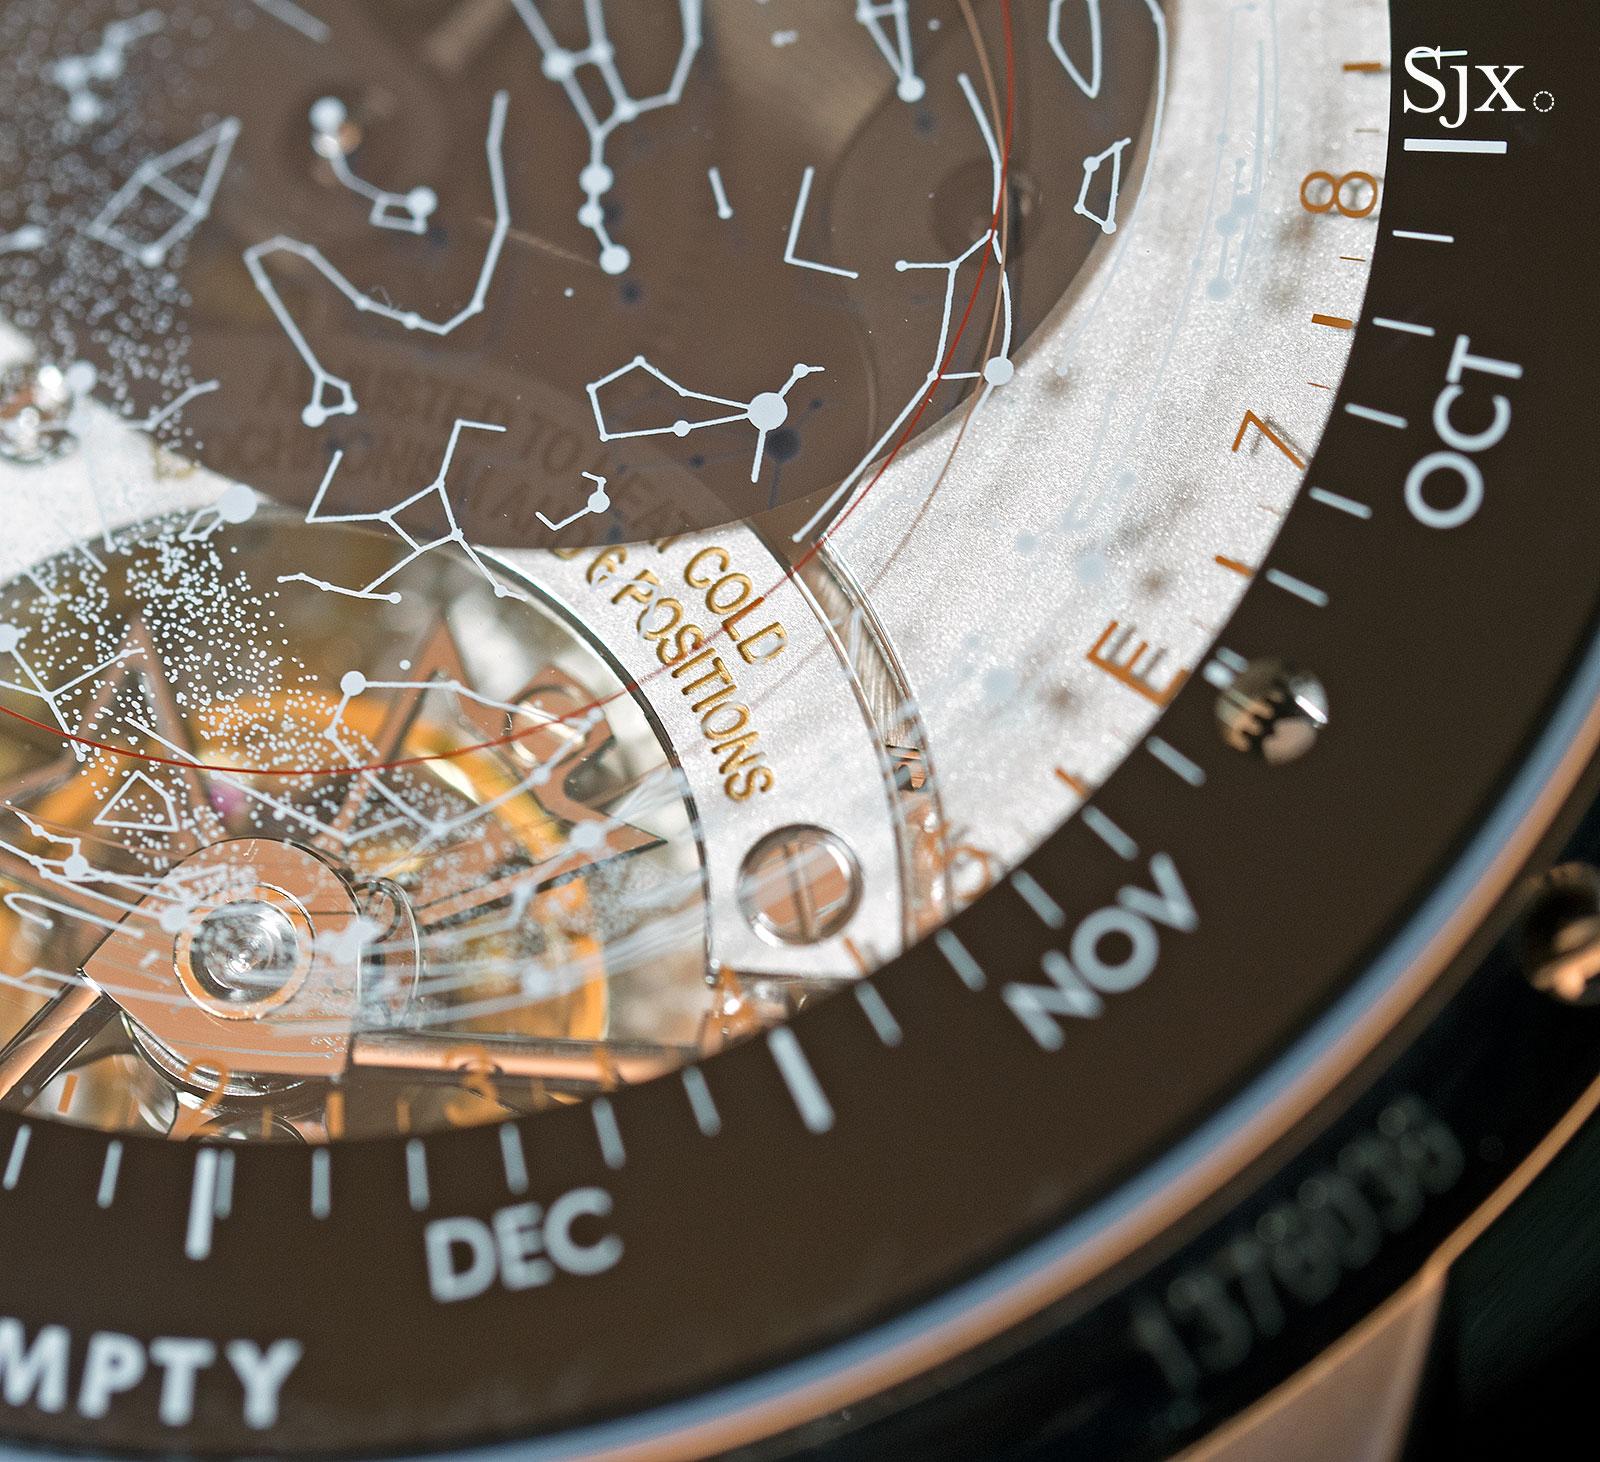 Vacheron Constantin Celestia Astronomical Grand Complication 3